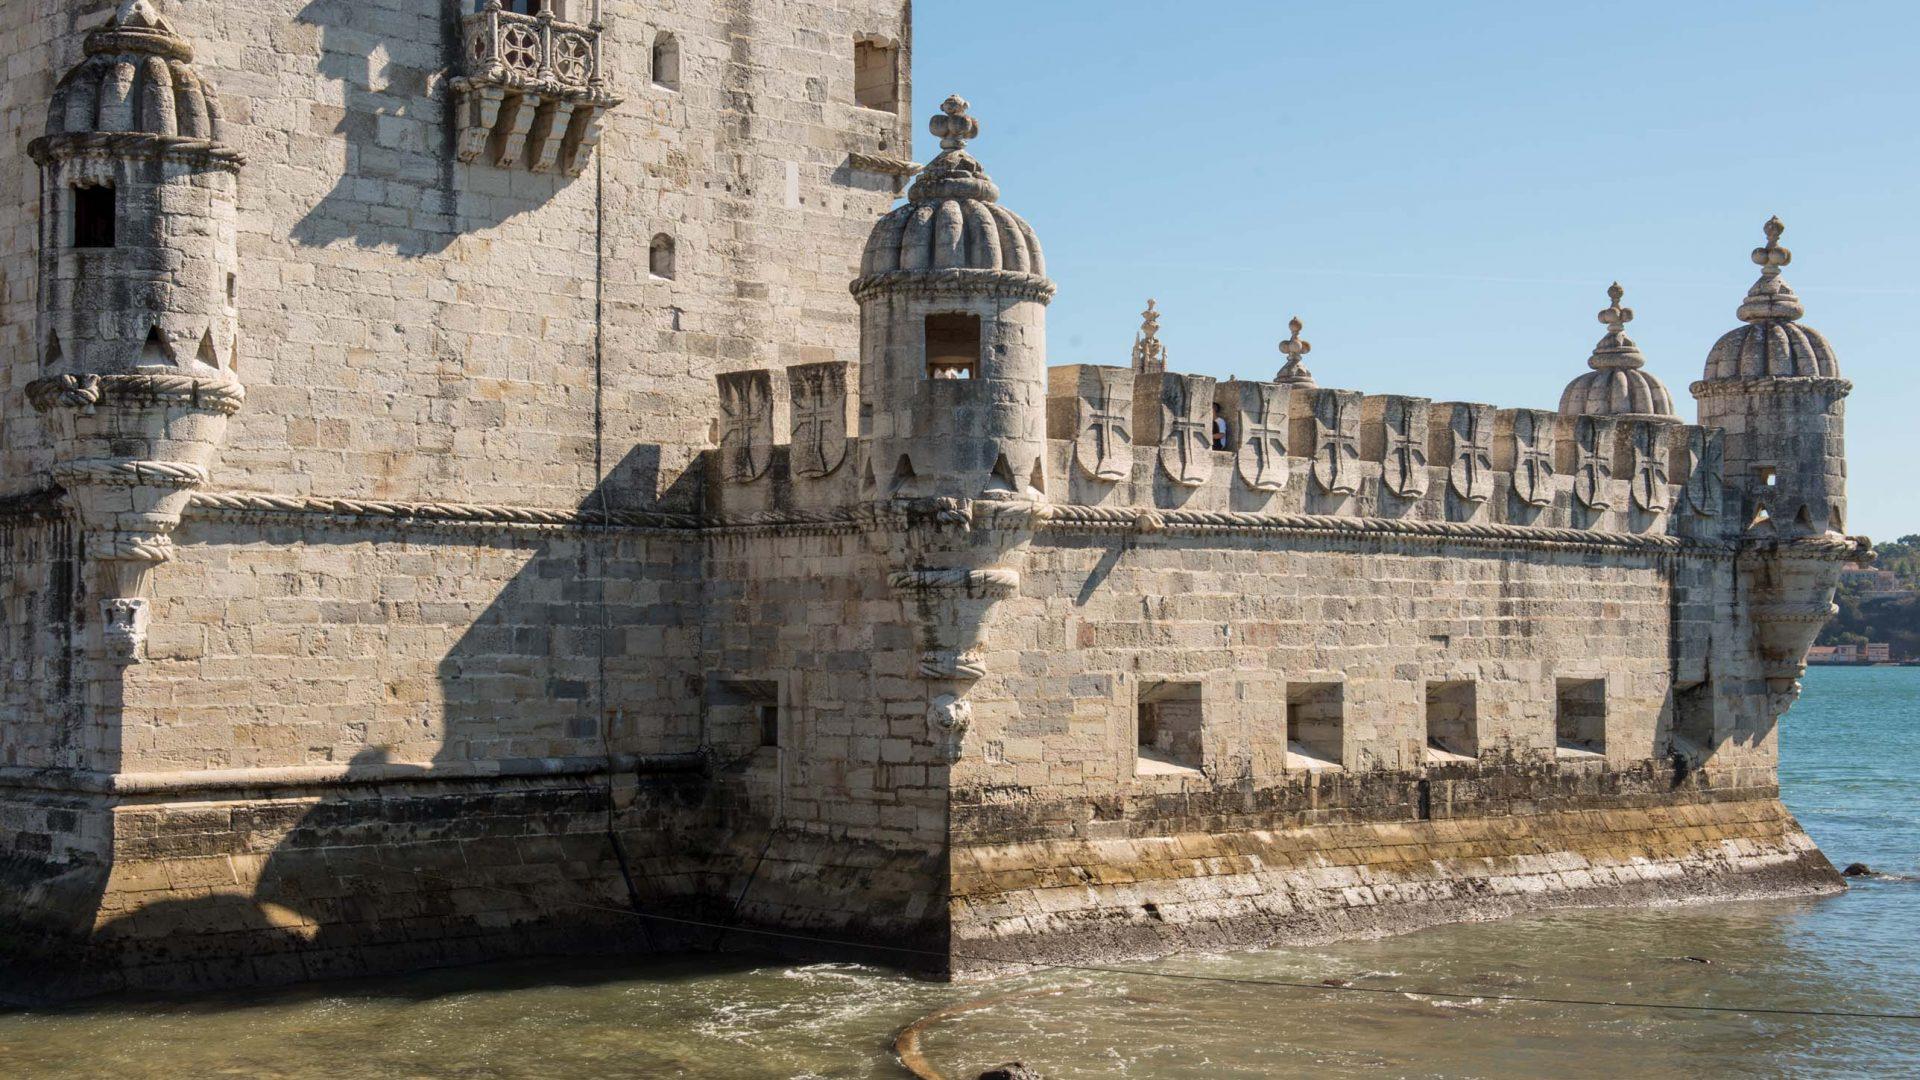 Combine the Belém Tower and the Padrão dos Descobrimentos